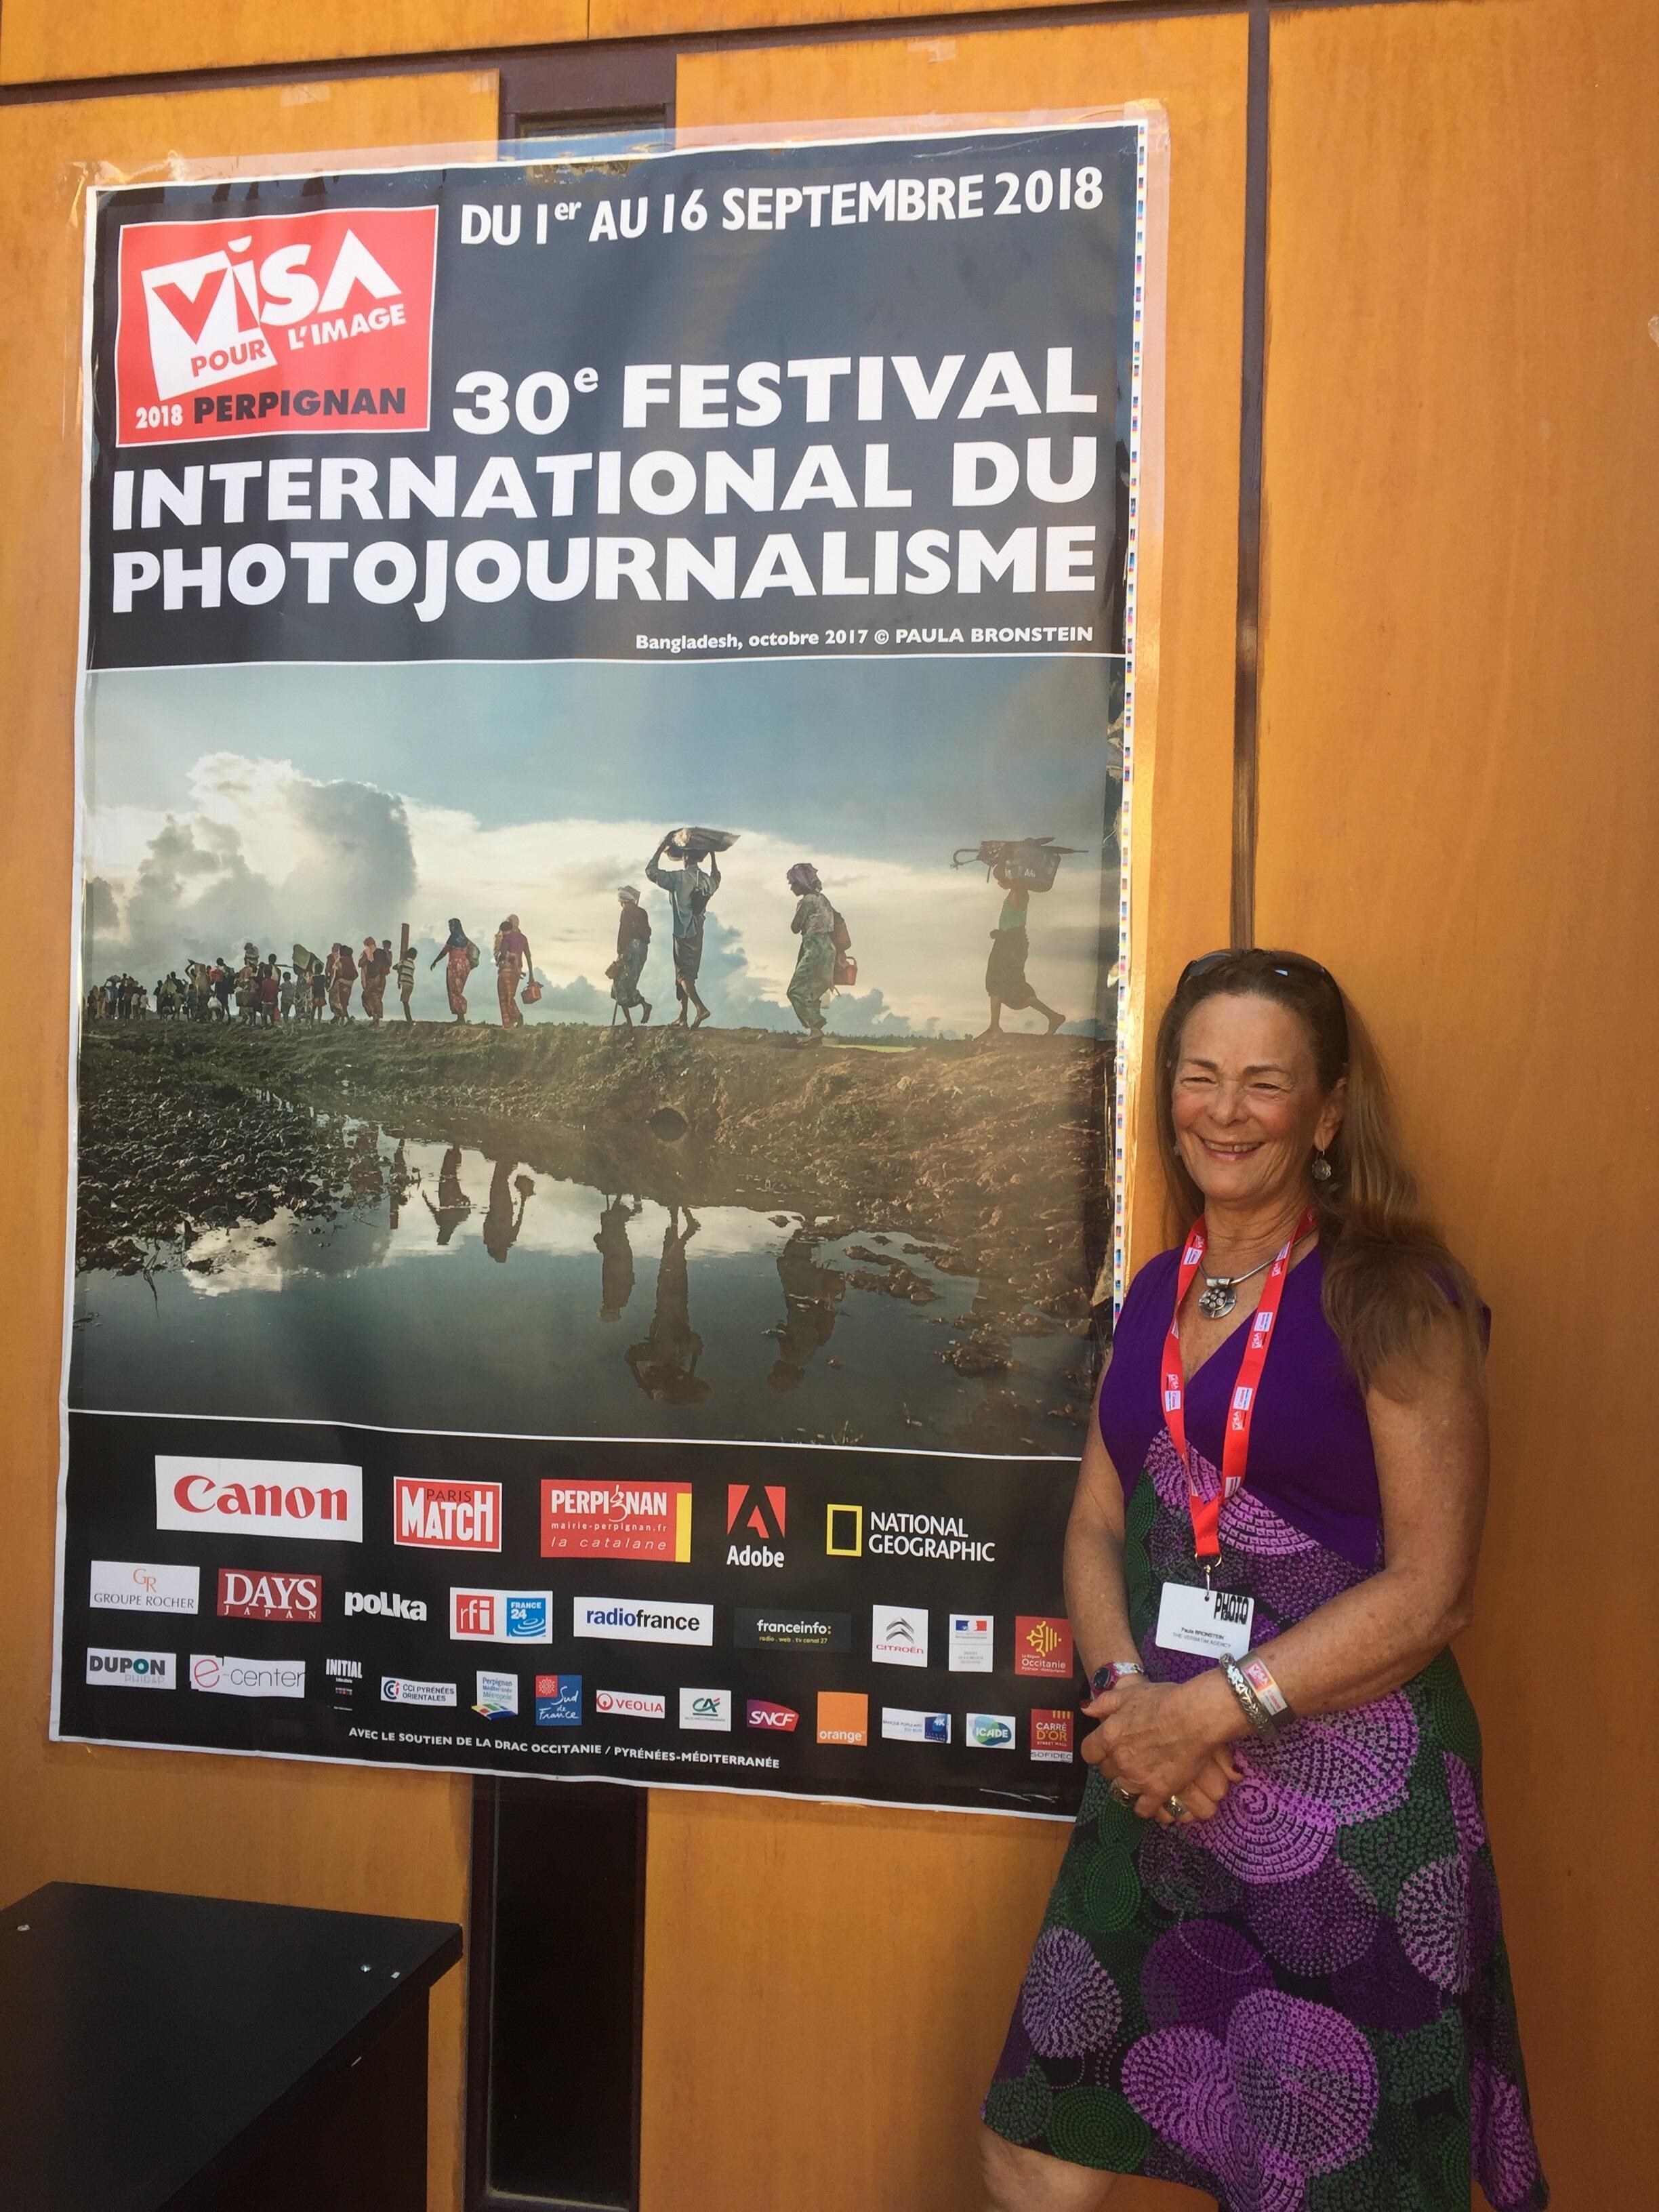 Paula Bronstein diante do cartaz do festival Visa pour L'Image com foto sua sobre a minoria rohingya.